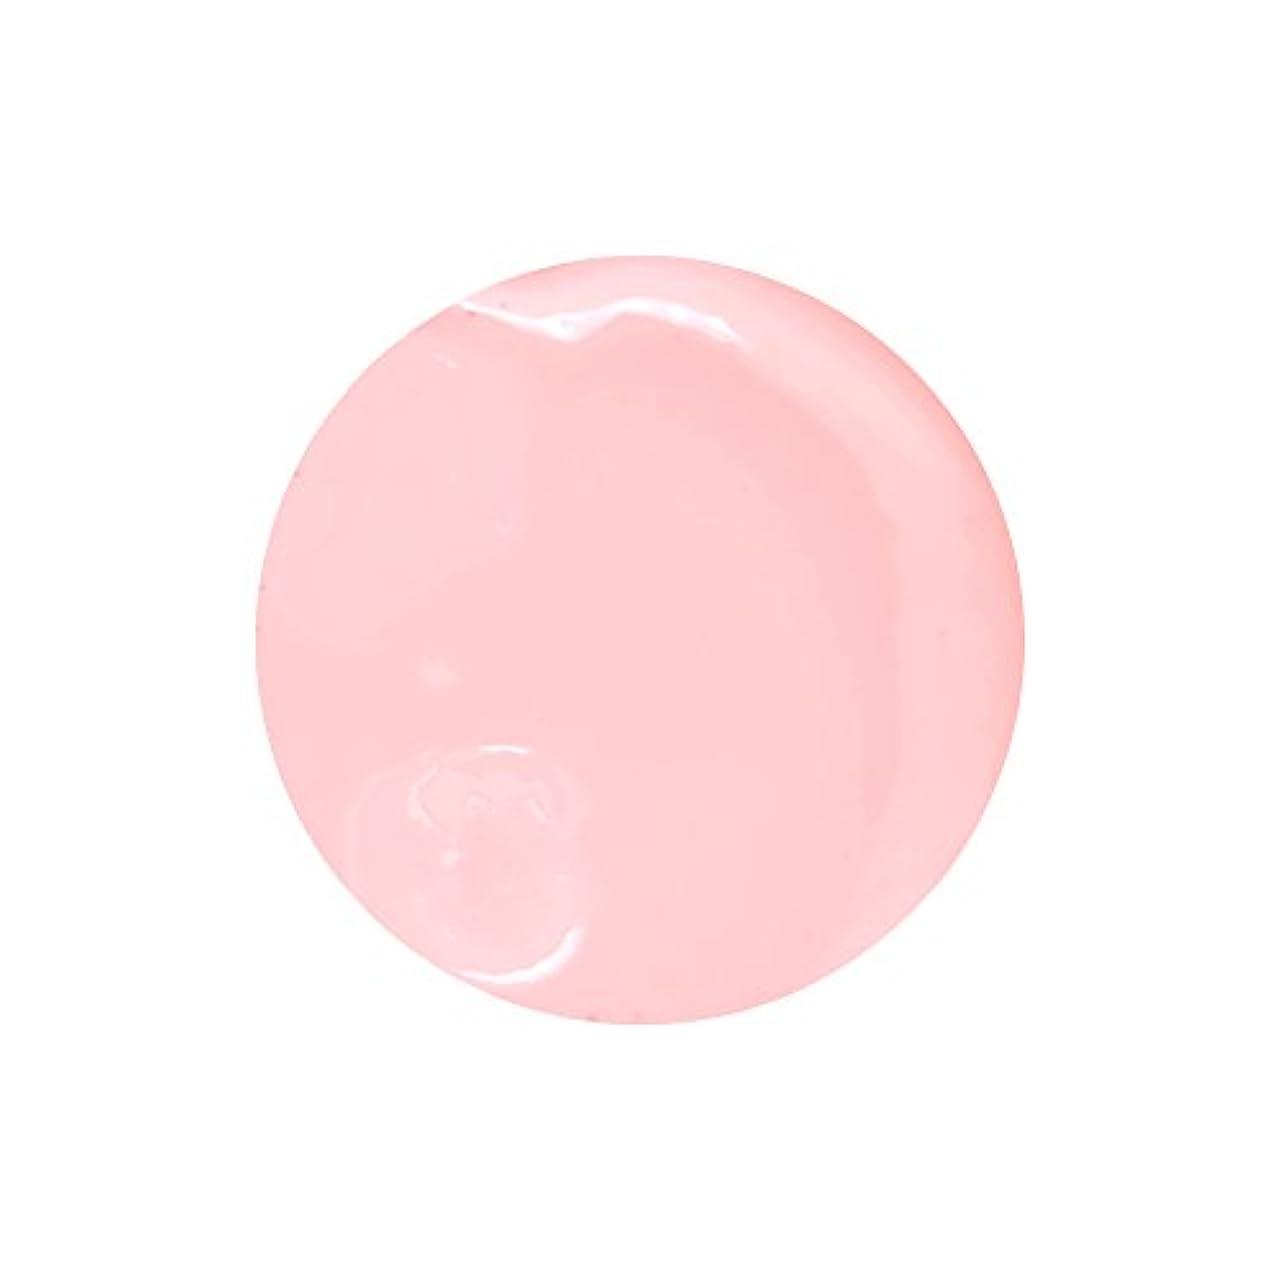 バナーシンボル傾向がある「K-6 ミルキータイプ チェリーブロッサム」 irogel(イロジェル)ソークオフカラージェル 特別カラー